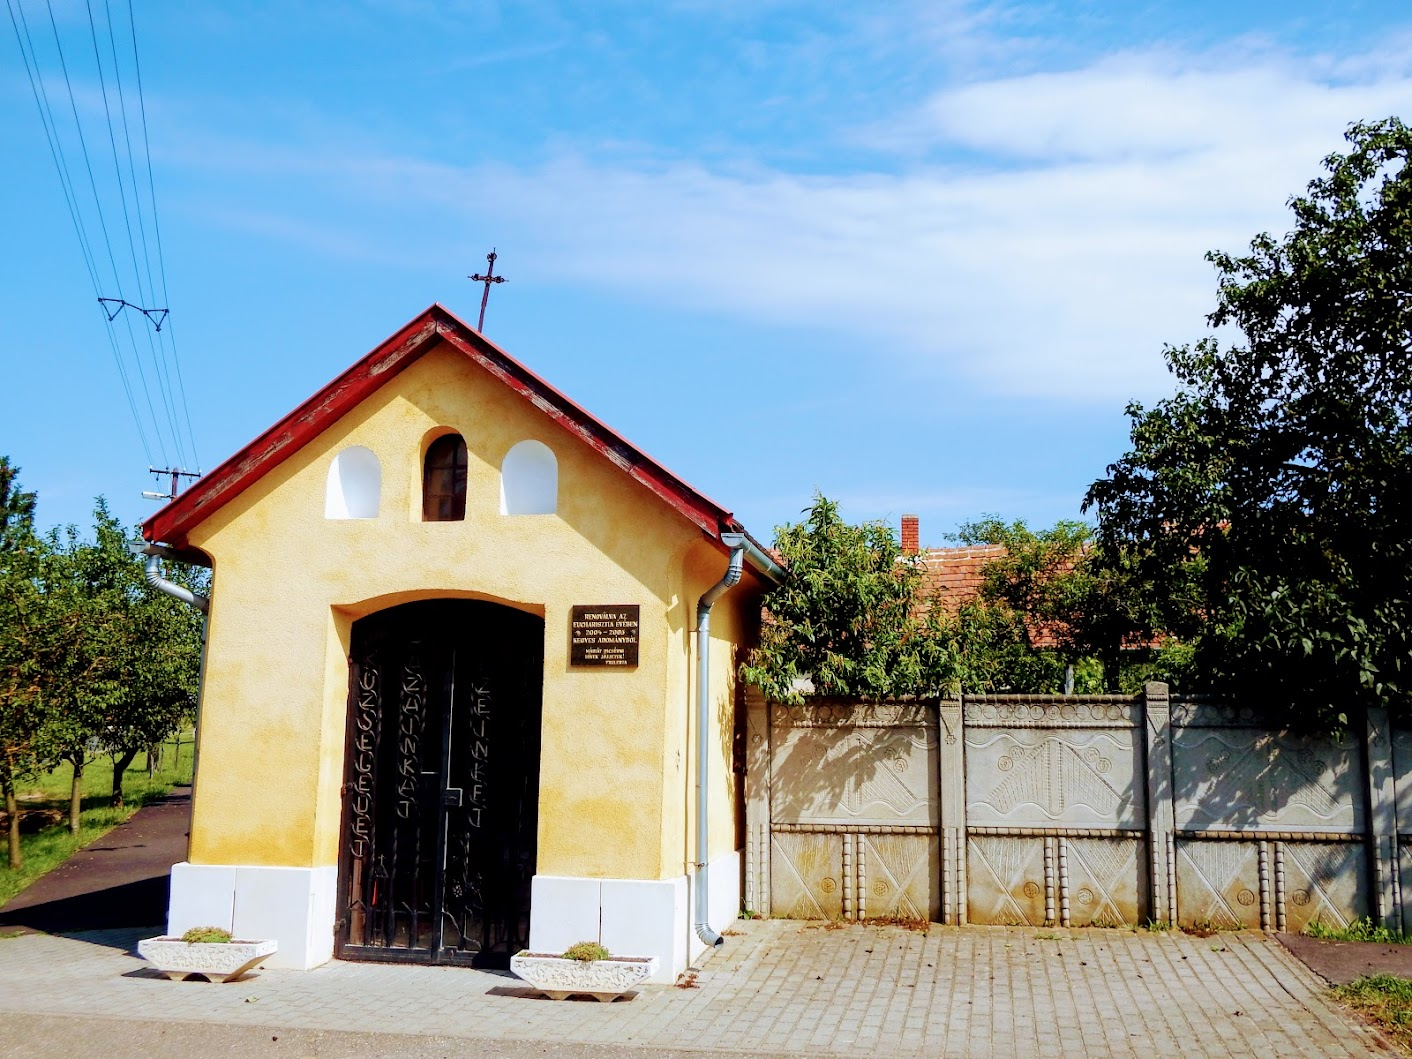 Csénye - Szűz Mária lourdes-i kápolna és keresztút a Deák Ferenc utcában